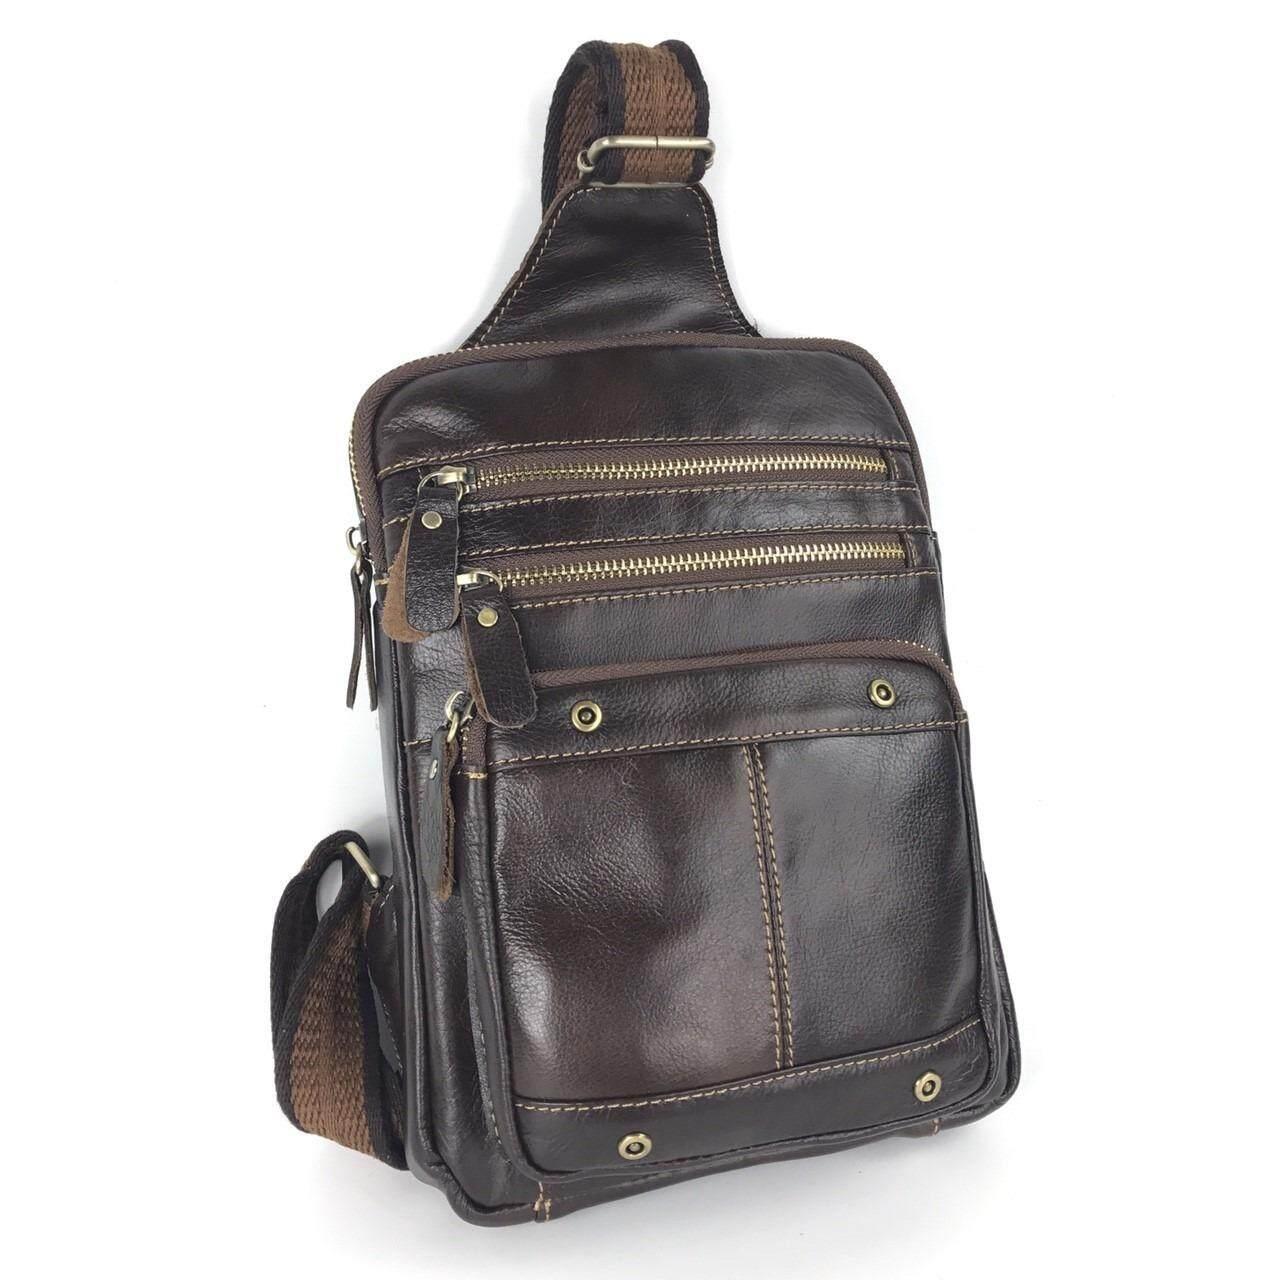 ซื้อ Chinatown Leather กระเป๋าหนังแท้ ขนาด Ipad 2 3 ทรงสี่เหลี่ยม สีน้ำตาล ถูก ใน กรุงเทพมหานคร